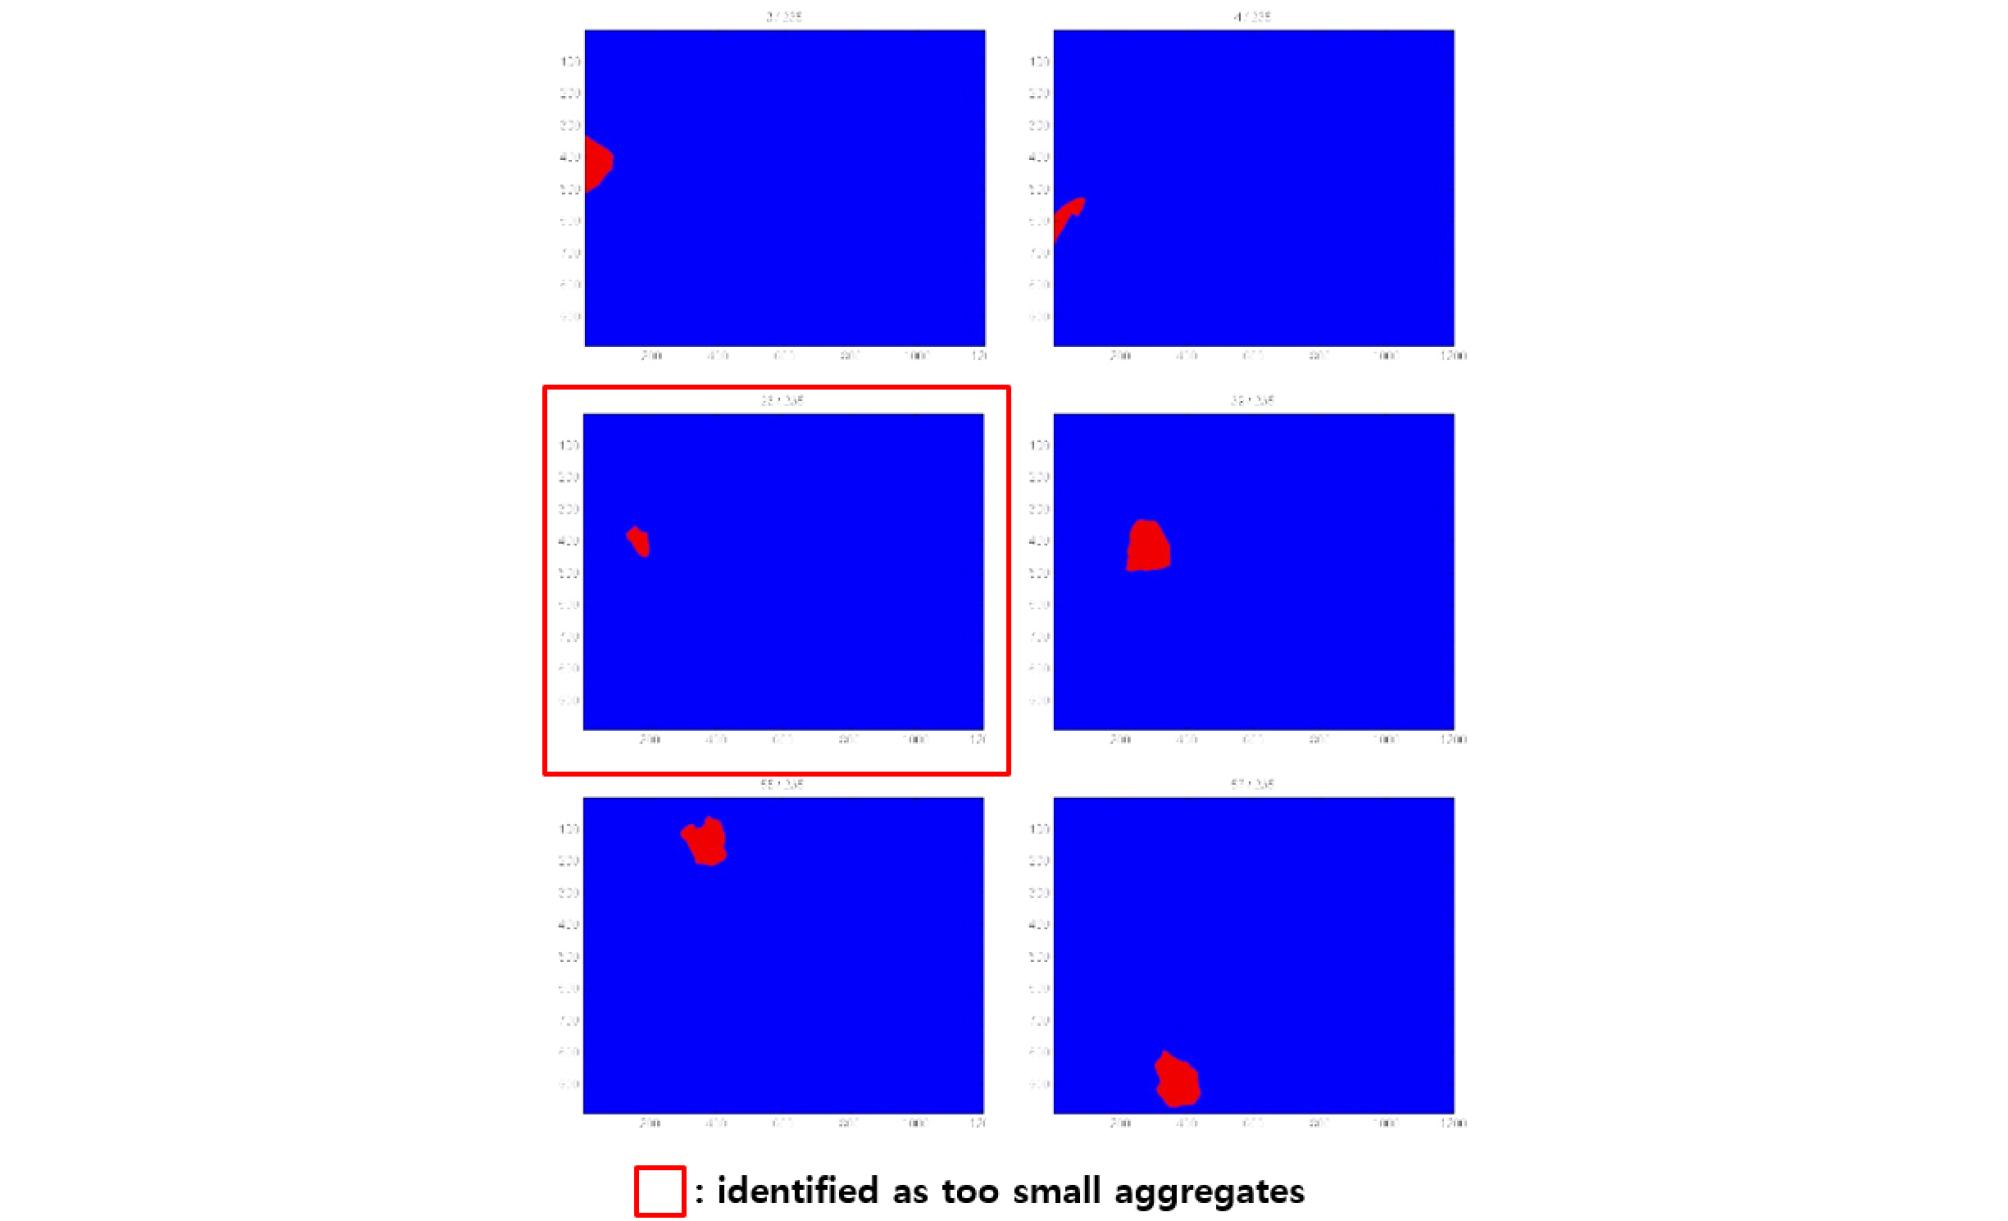 http://static.apub.kr/journalsite/sites/jcoseik/2020-033-04/N0040330403/images/Figure_jcoseik_33_04_03_F3.jpg